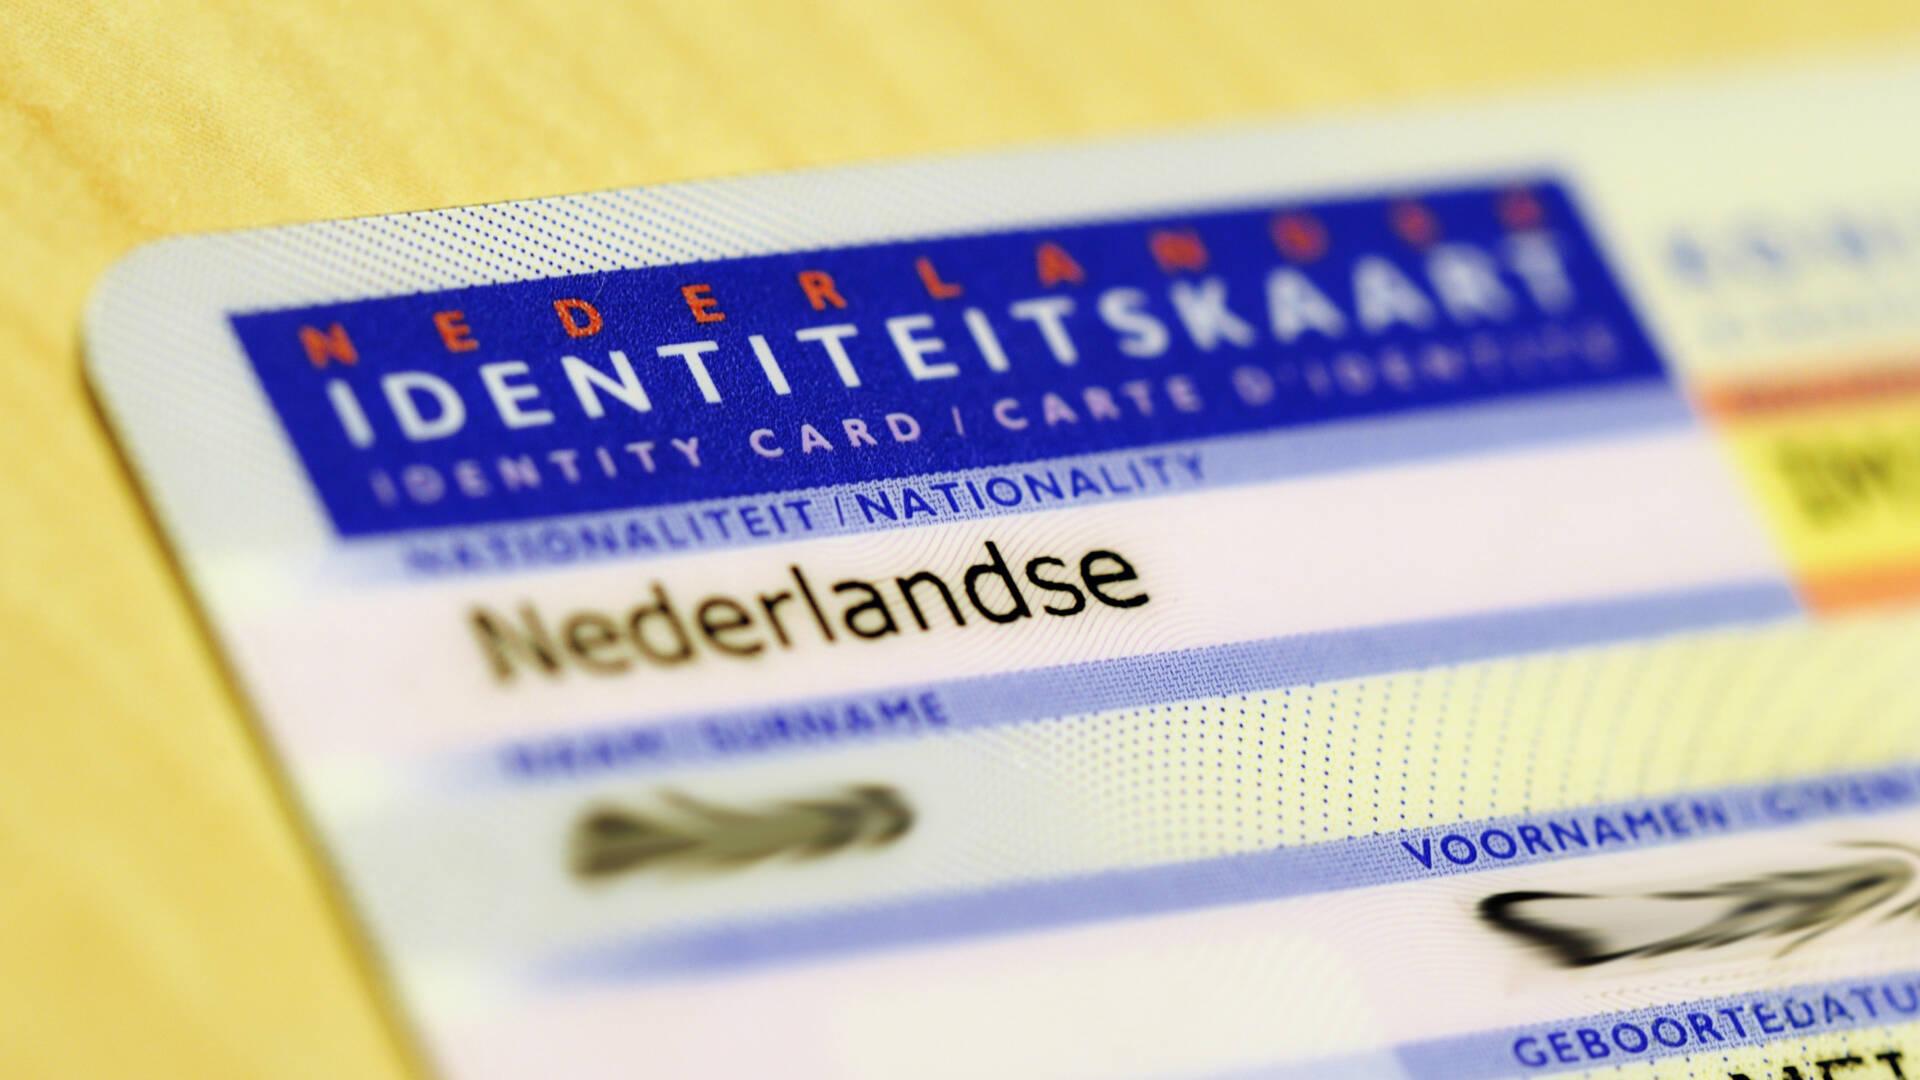 本年度的荷兰身份ID卡或有芯片故障,建议更换